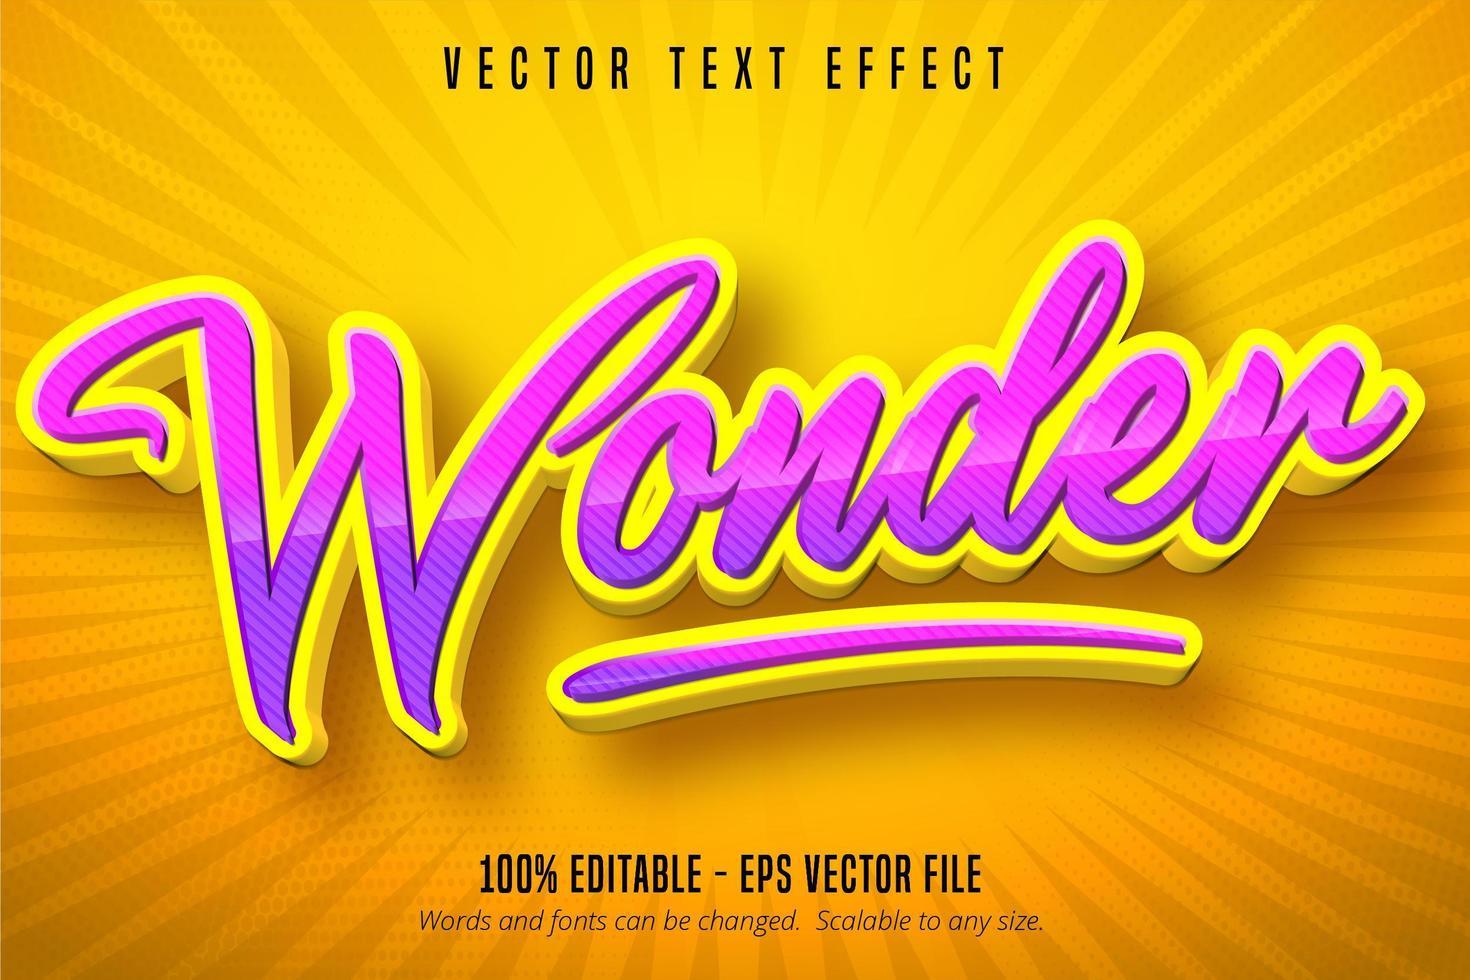 effet de texte modifiable de style dessin animé violet rayé vecteur